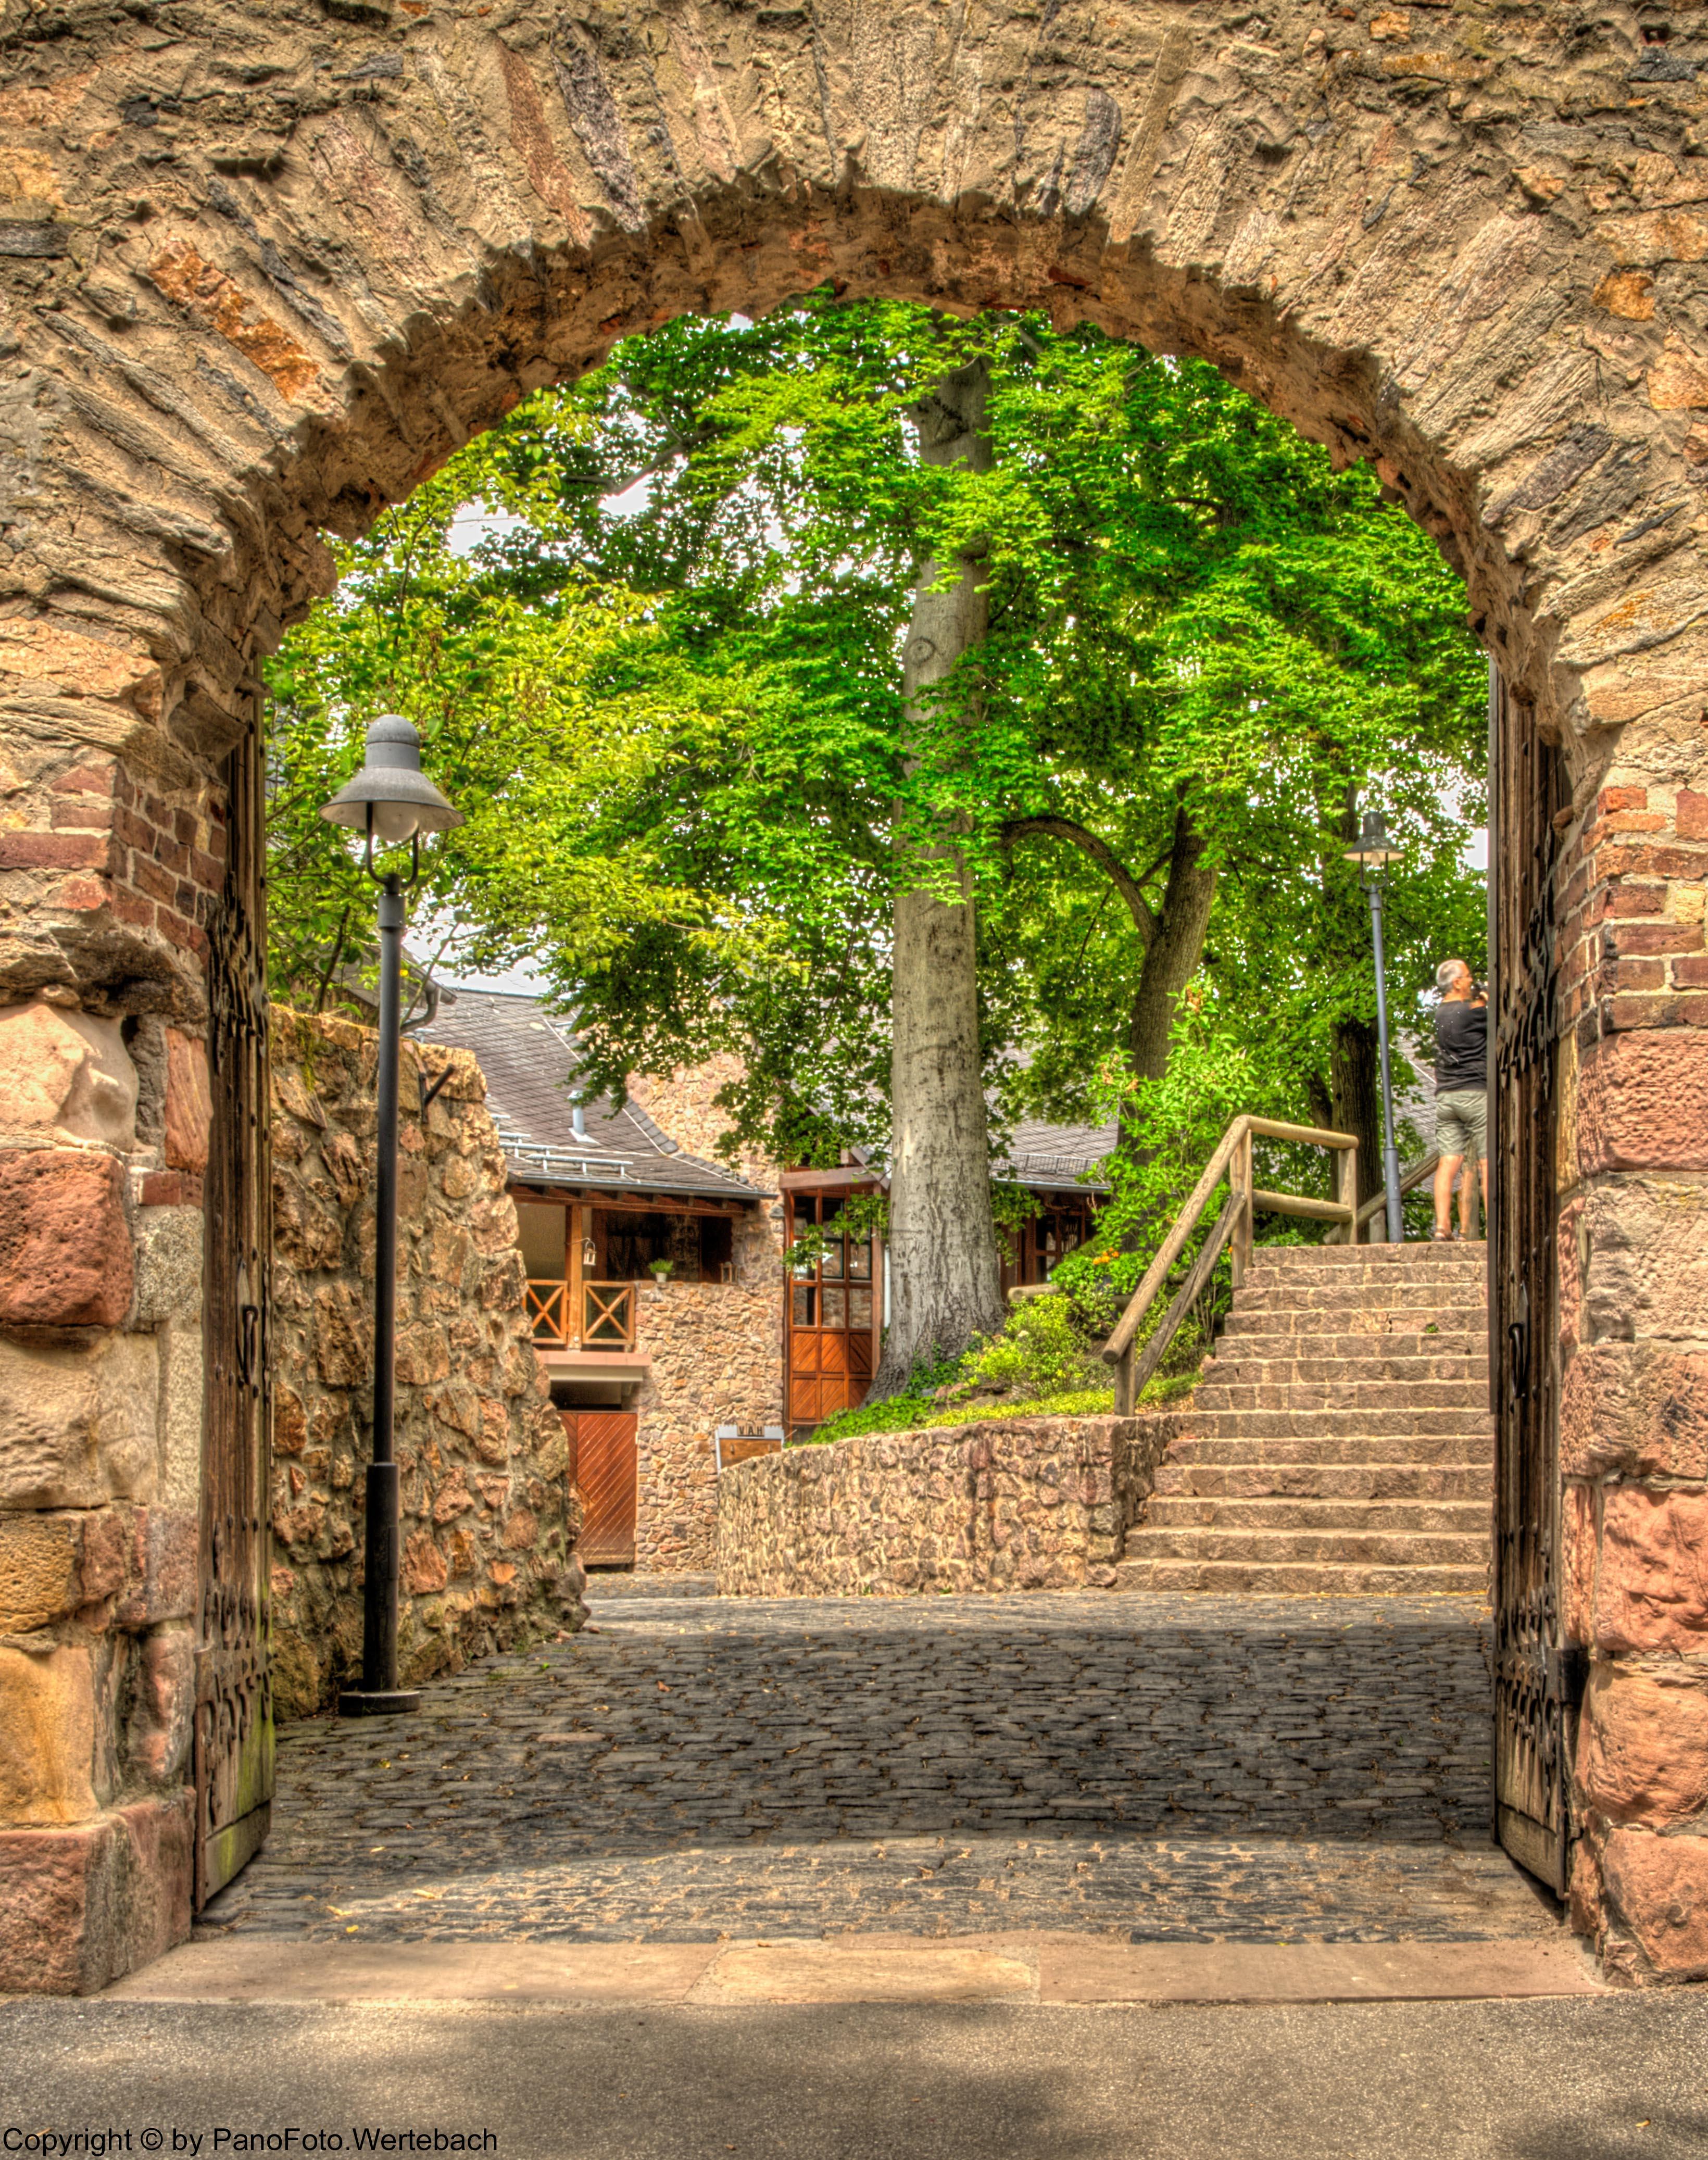 003 Schloss Auerbach In Bensheim